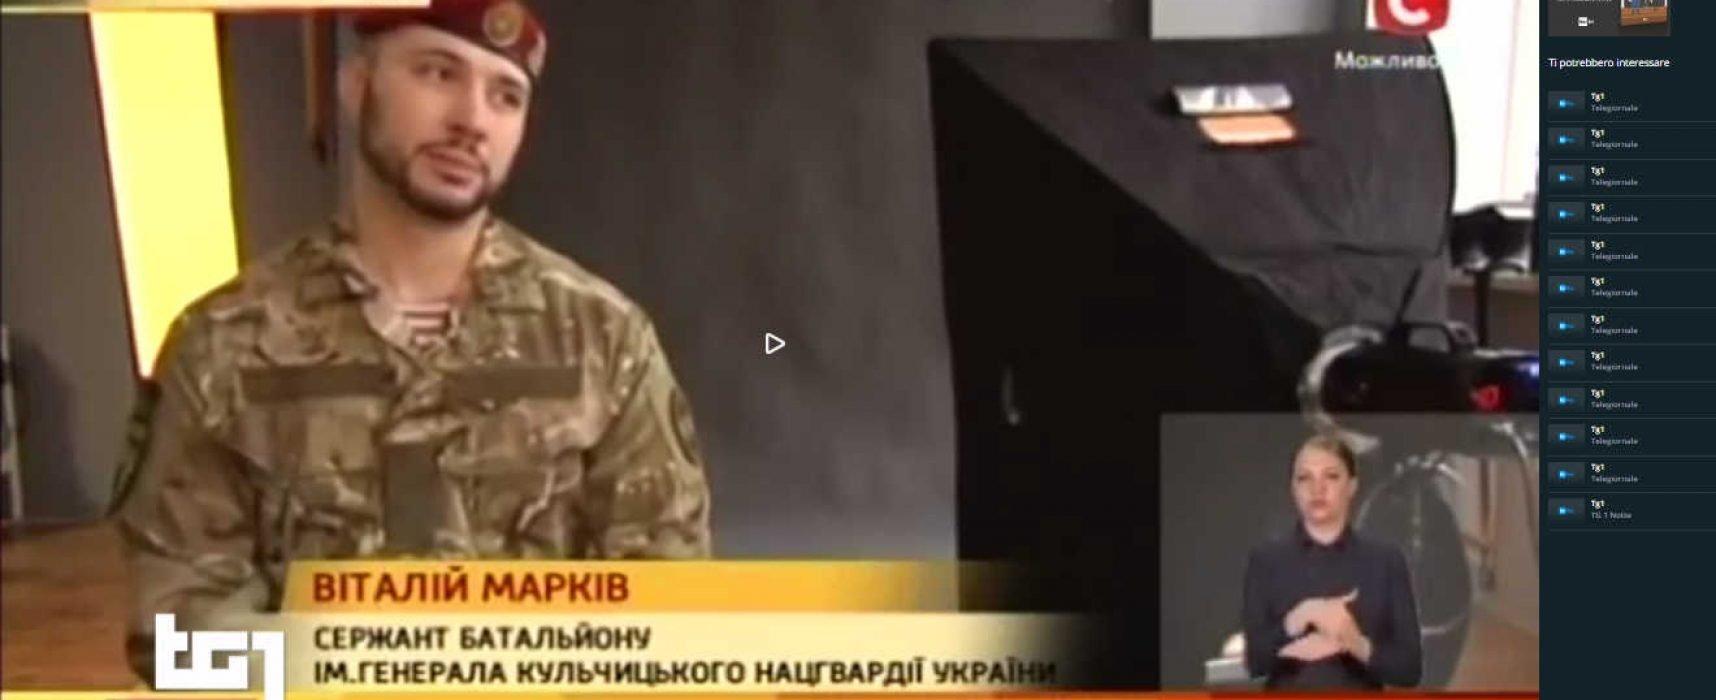 RAI 1 confeziona un Fake sulla morte di Rocchelli in Ucraina